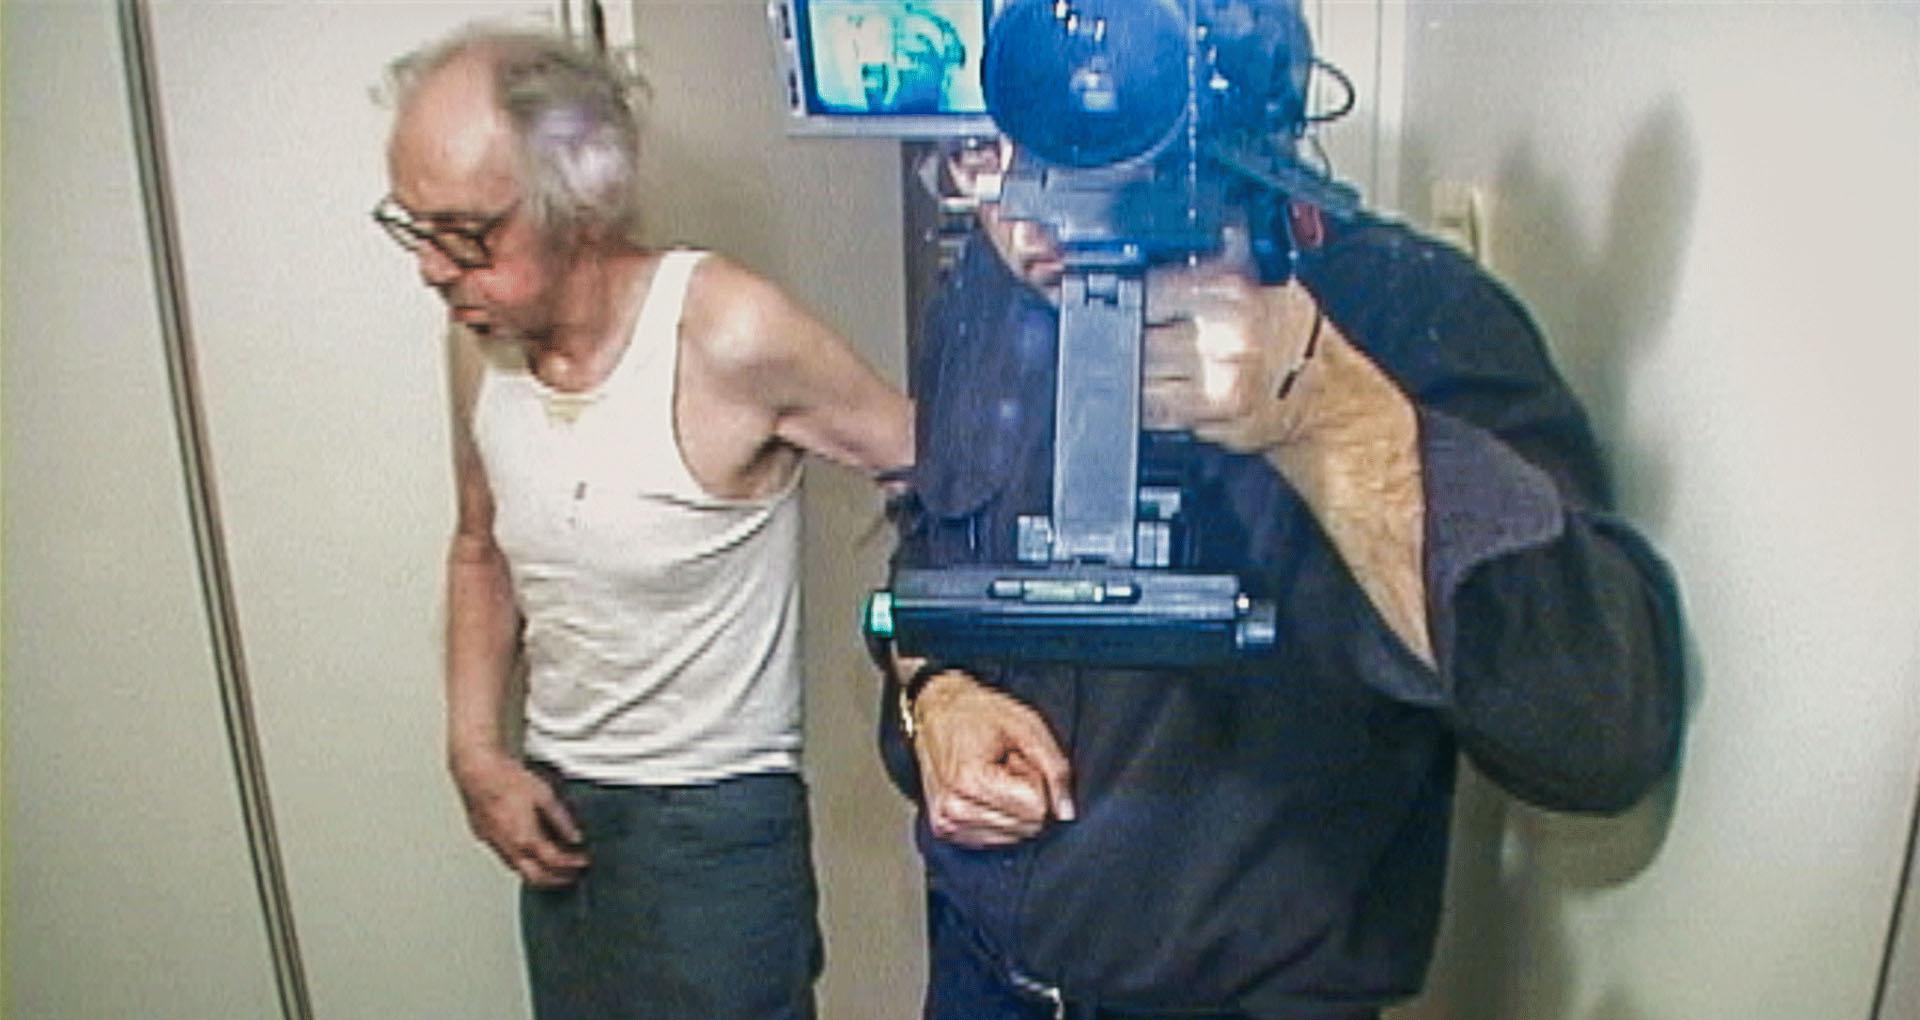 deux hommes devant un miroir, l'un a une caméra